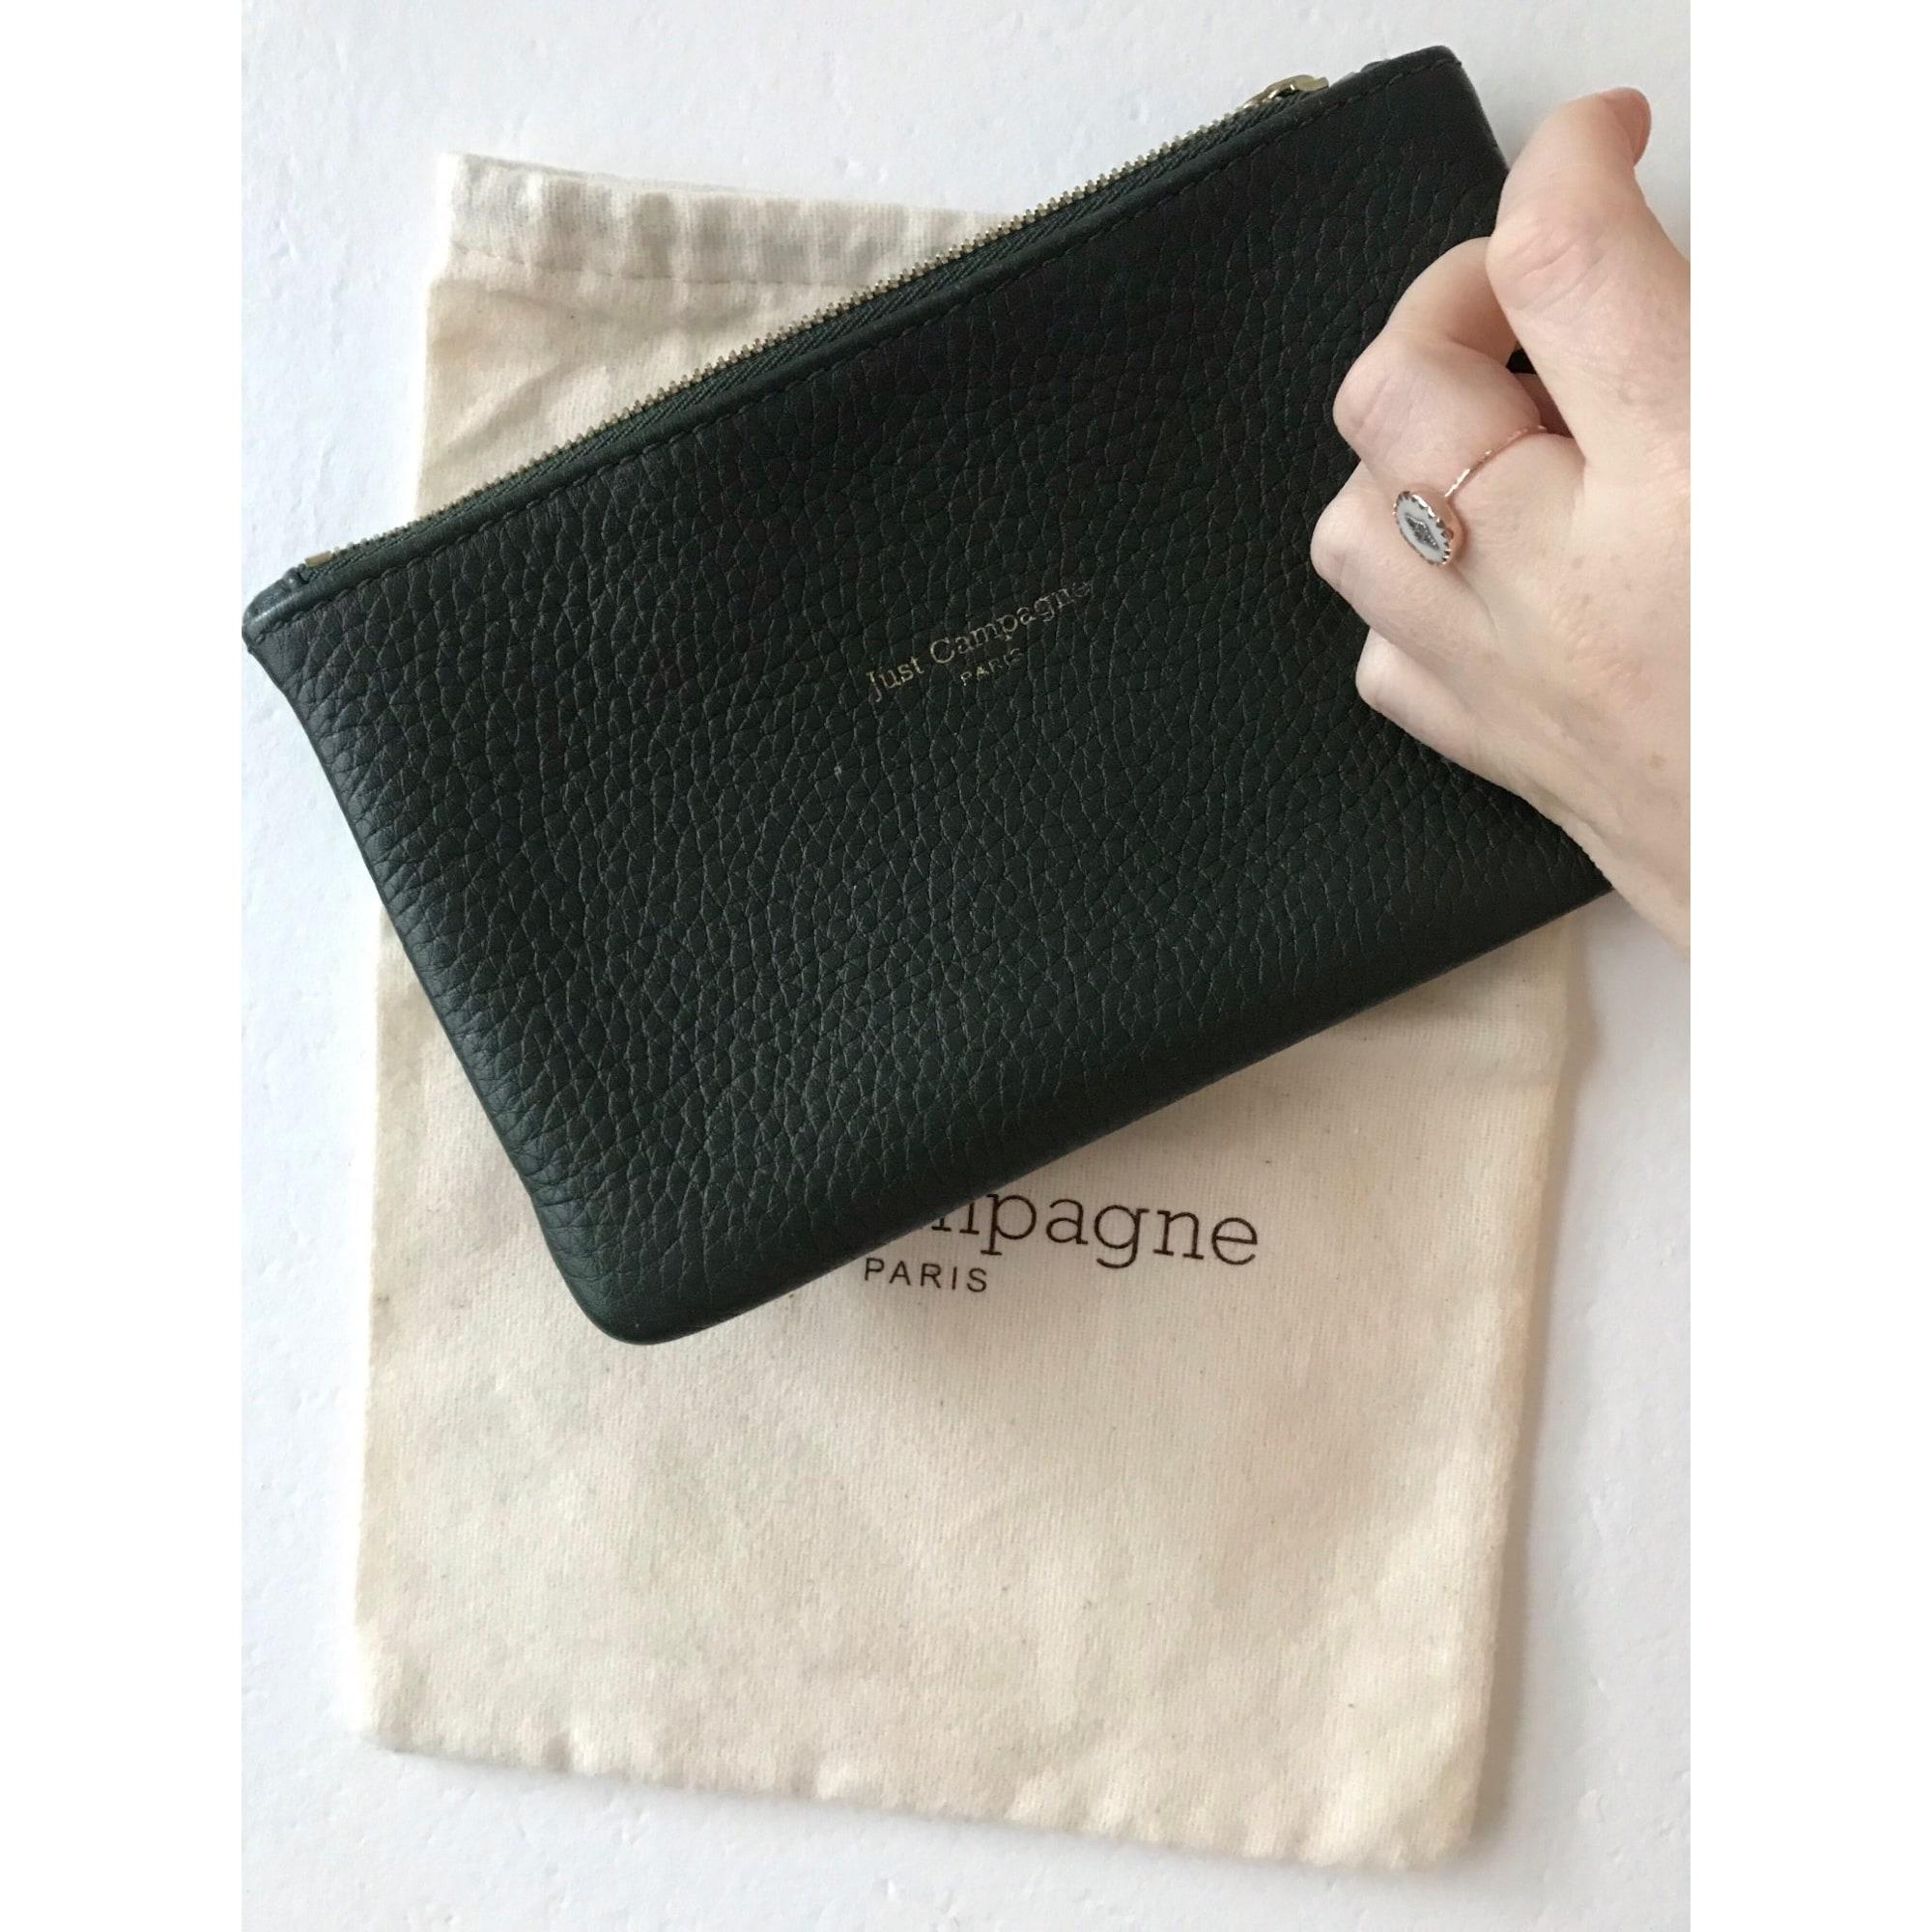 Pochette JUST CAMPAGNE cuir vert